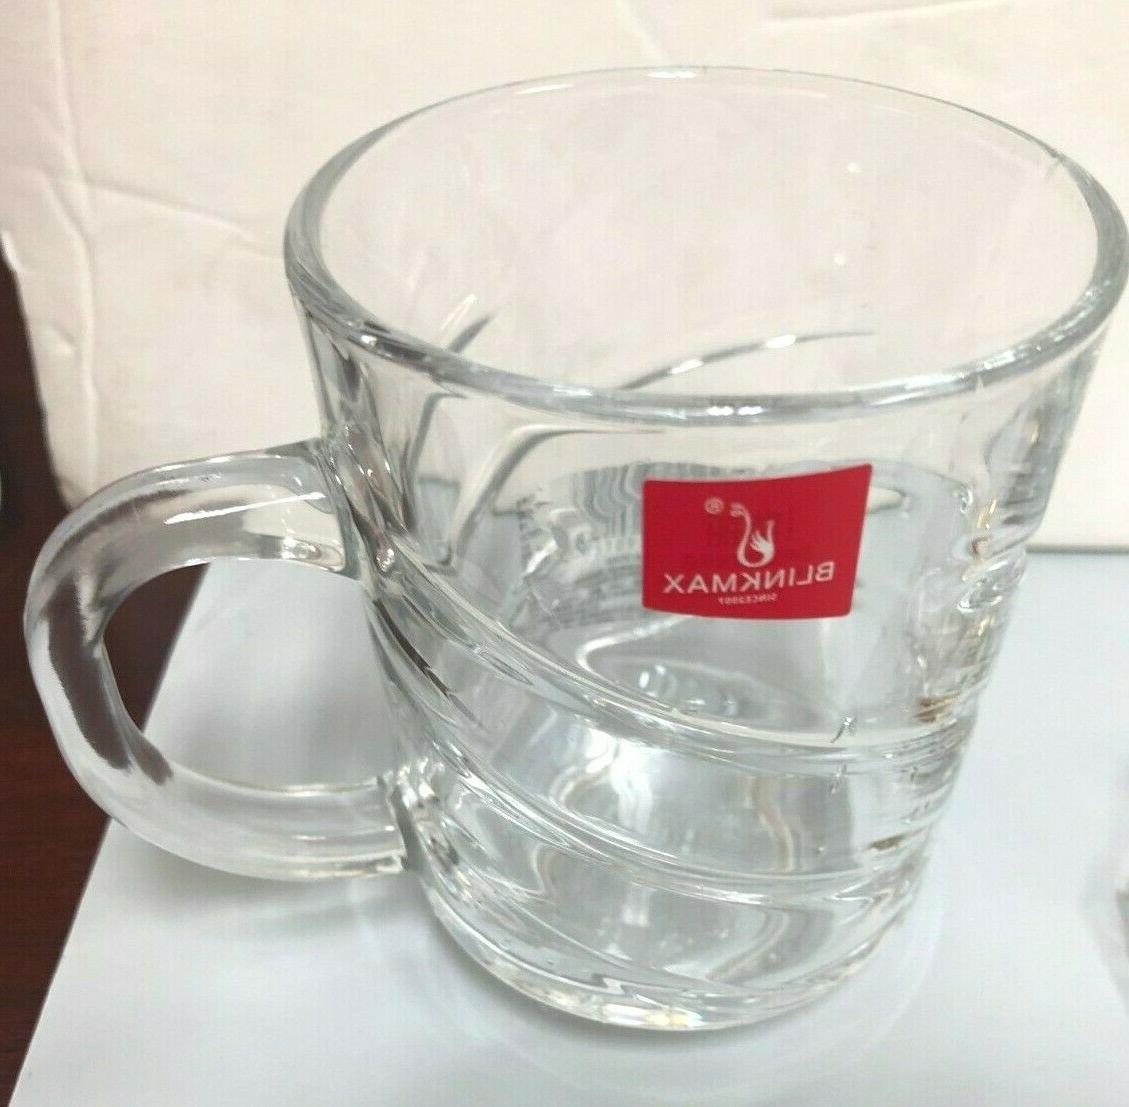 Turkish Tea glass /Cups Set of 6 with handle /Tea-Matte ...mug